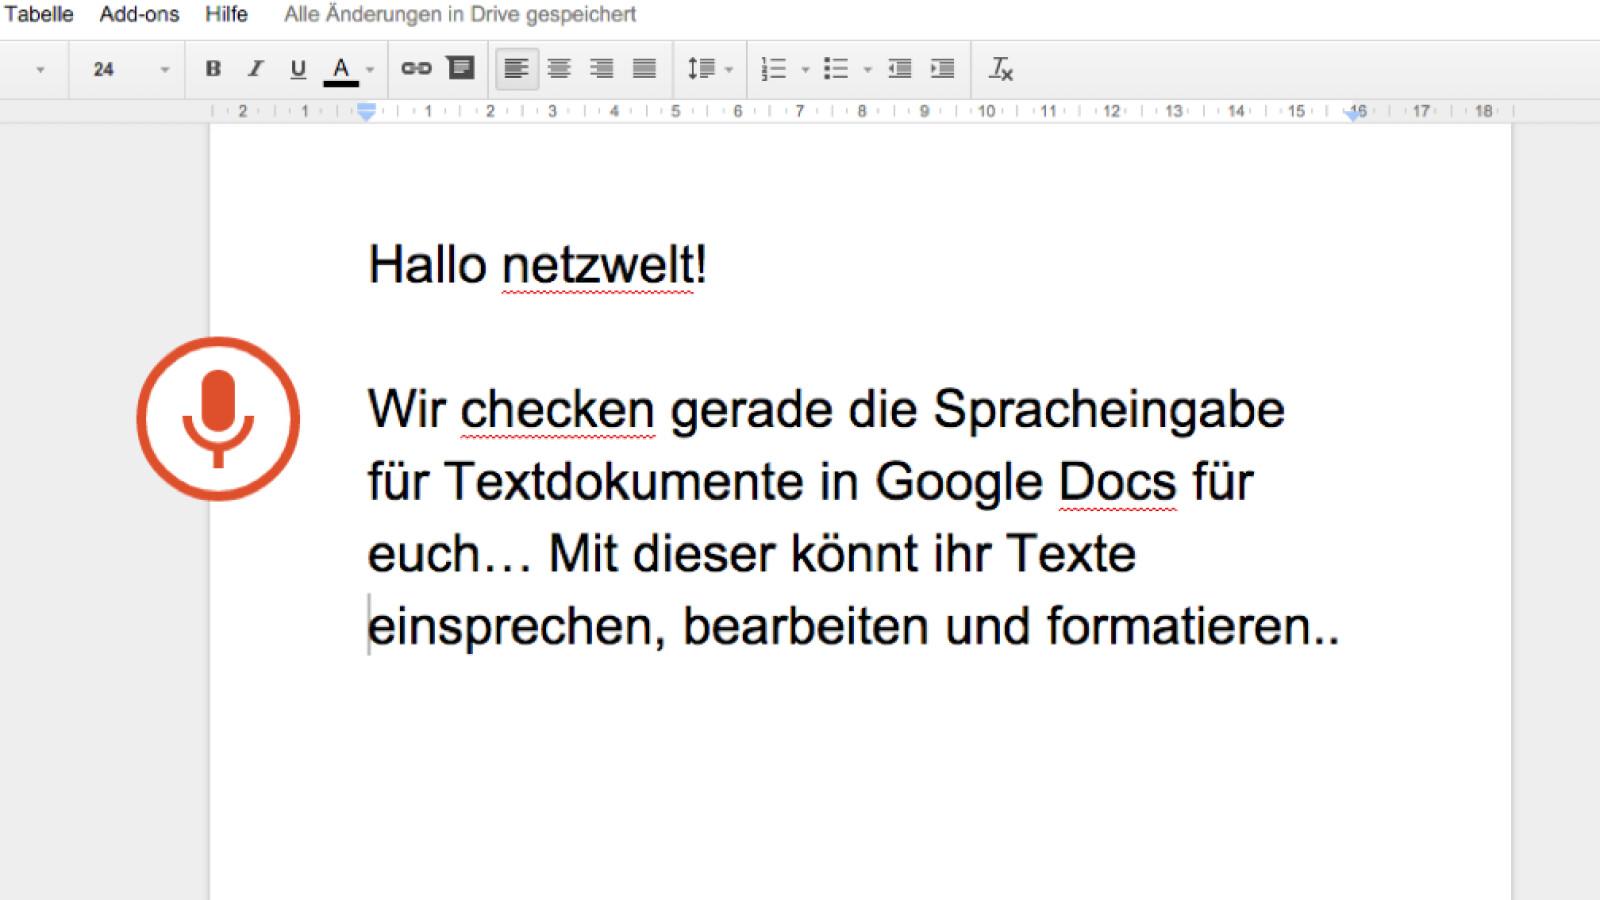 Google Docs: Spracheingabe für Texte verfügbar - so geht\'s - NETZWELT